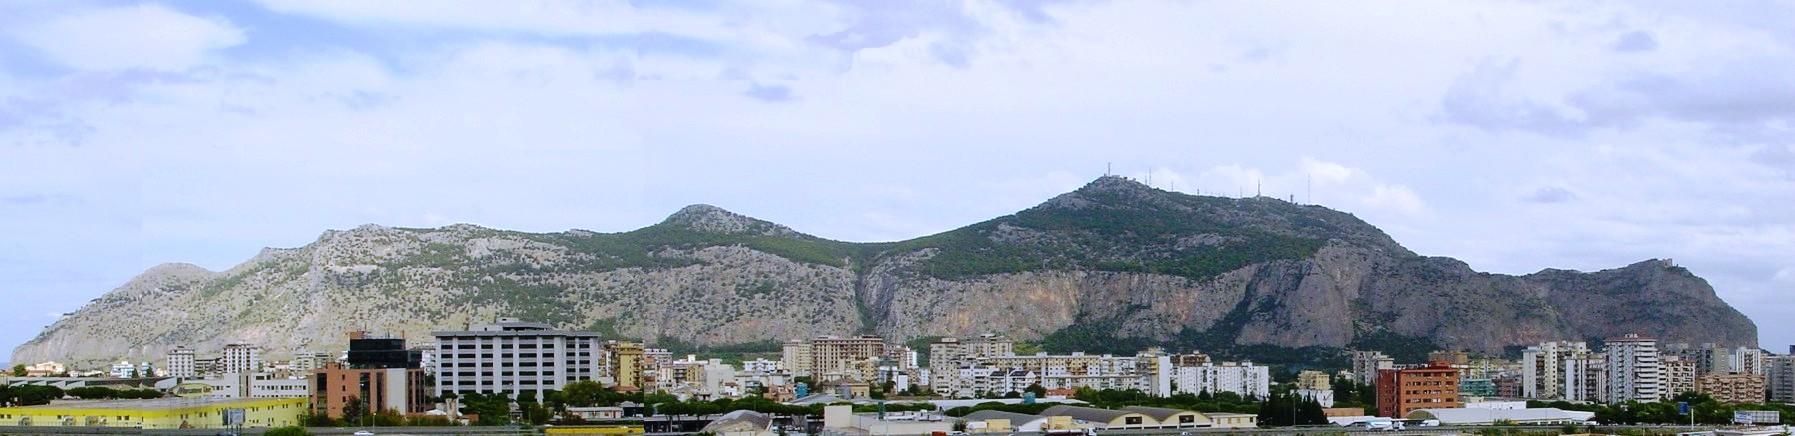 MontePellegrino_panoramicview